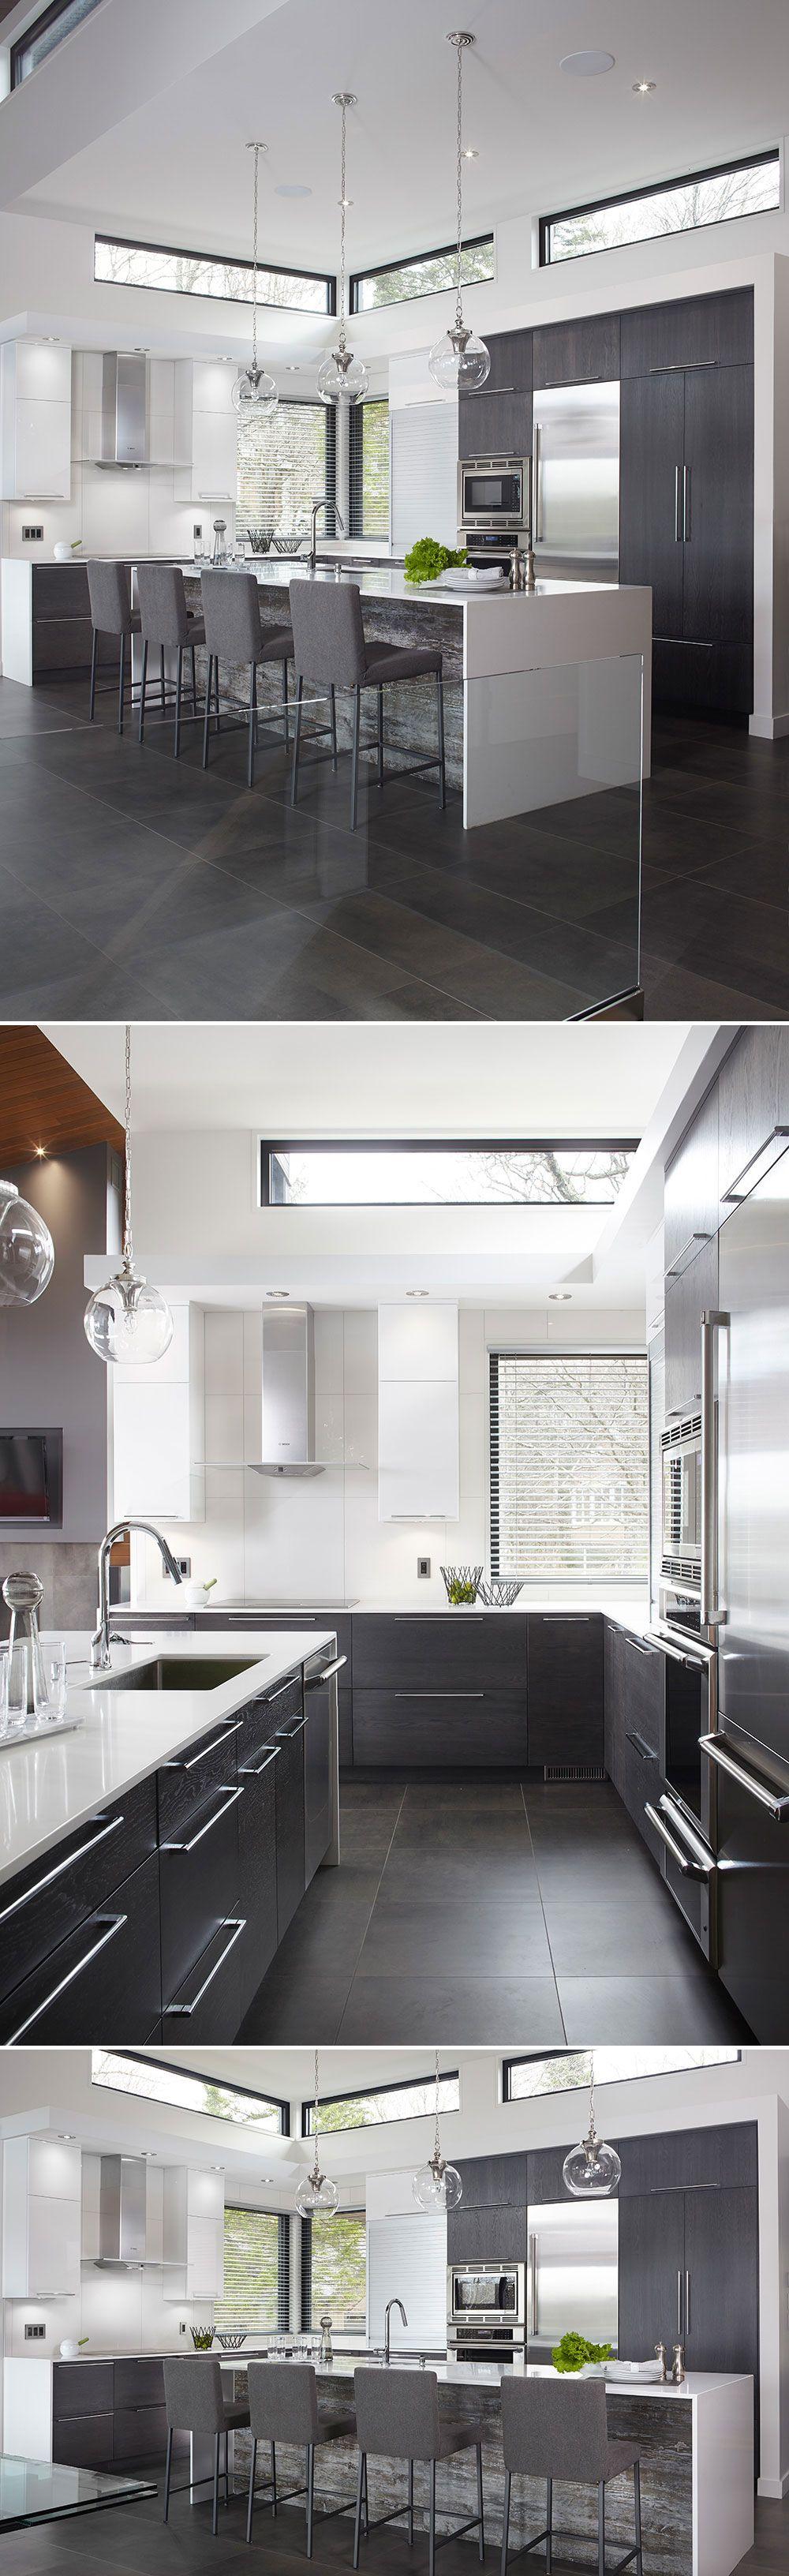 Armoires de cuisine en placage de ch ne tranch sur dosse for Placage armoire cuisine